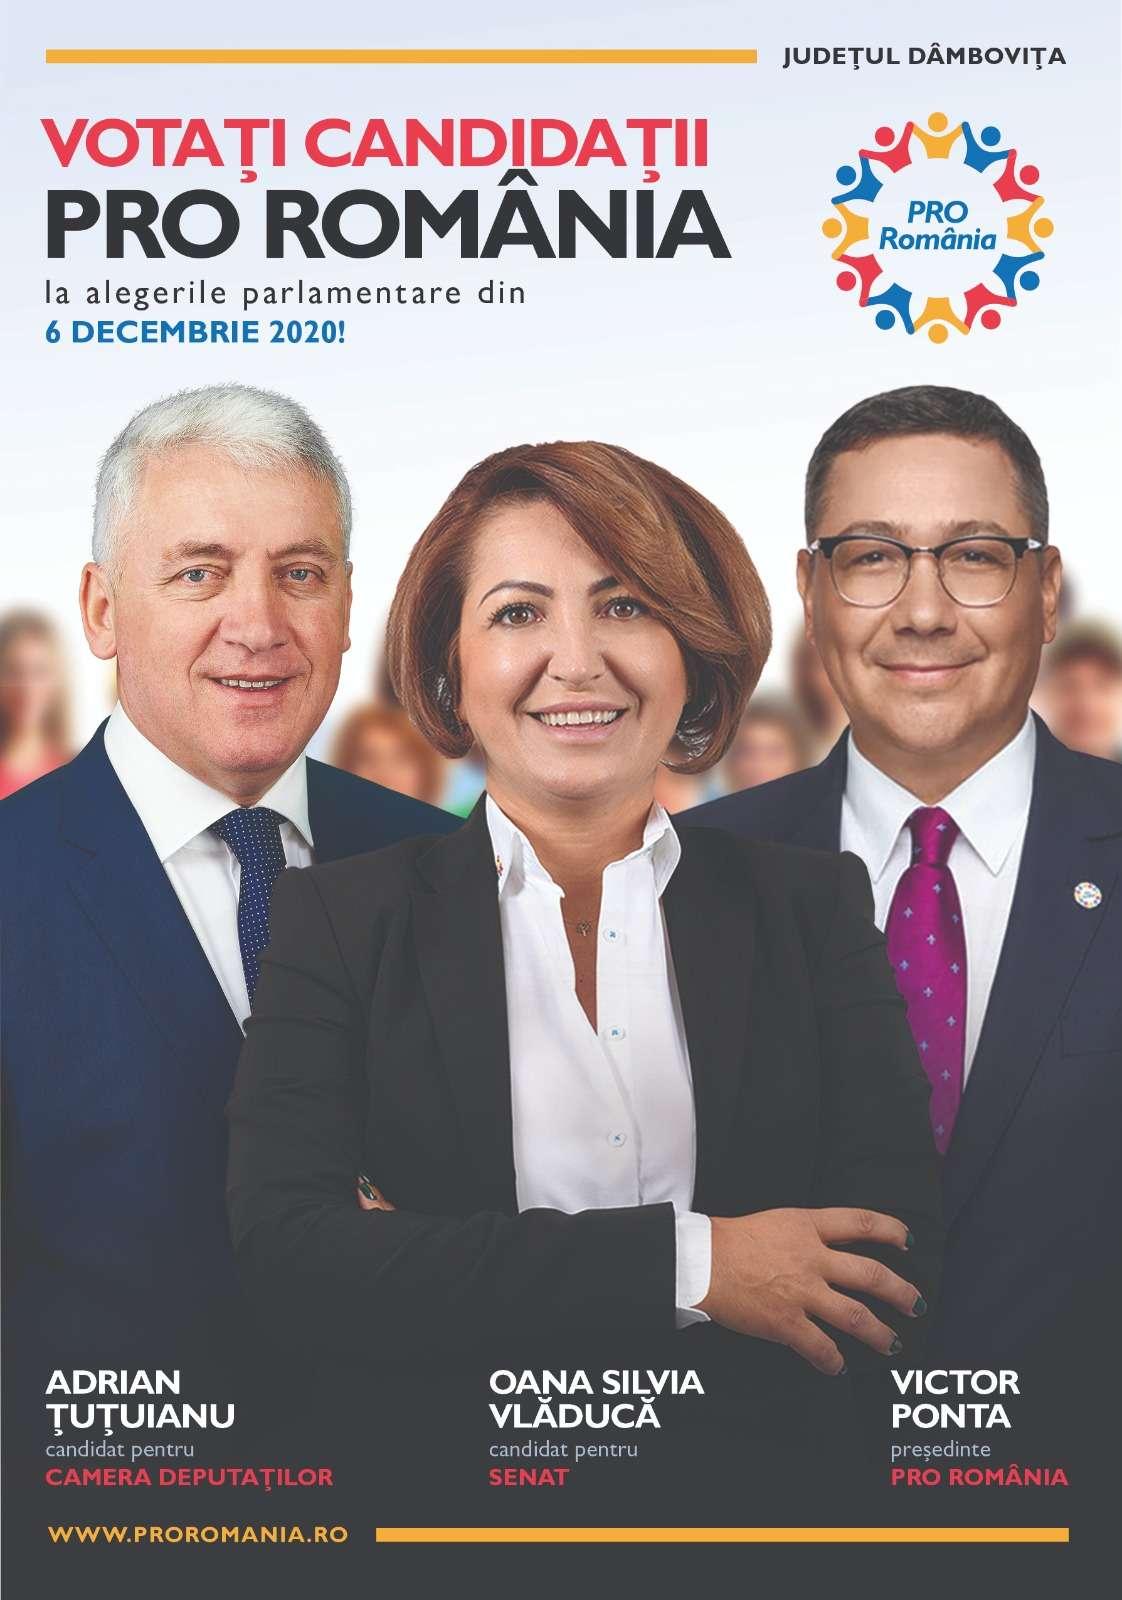 Deputat Oana Vlăducă: Dacă nu provocăm acum o schimbare, rămânem condamnați cu aceleași două partide